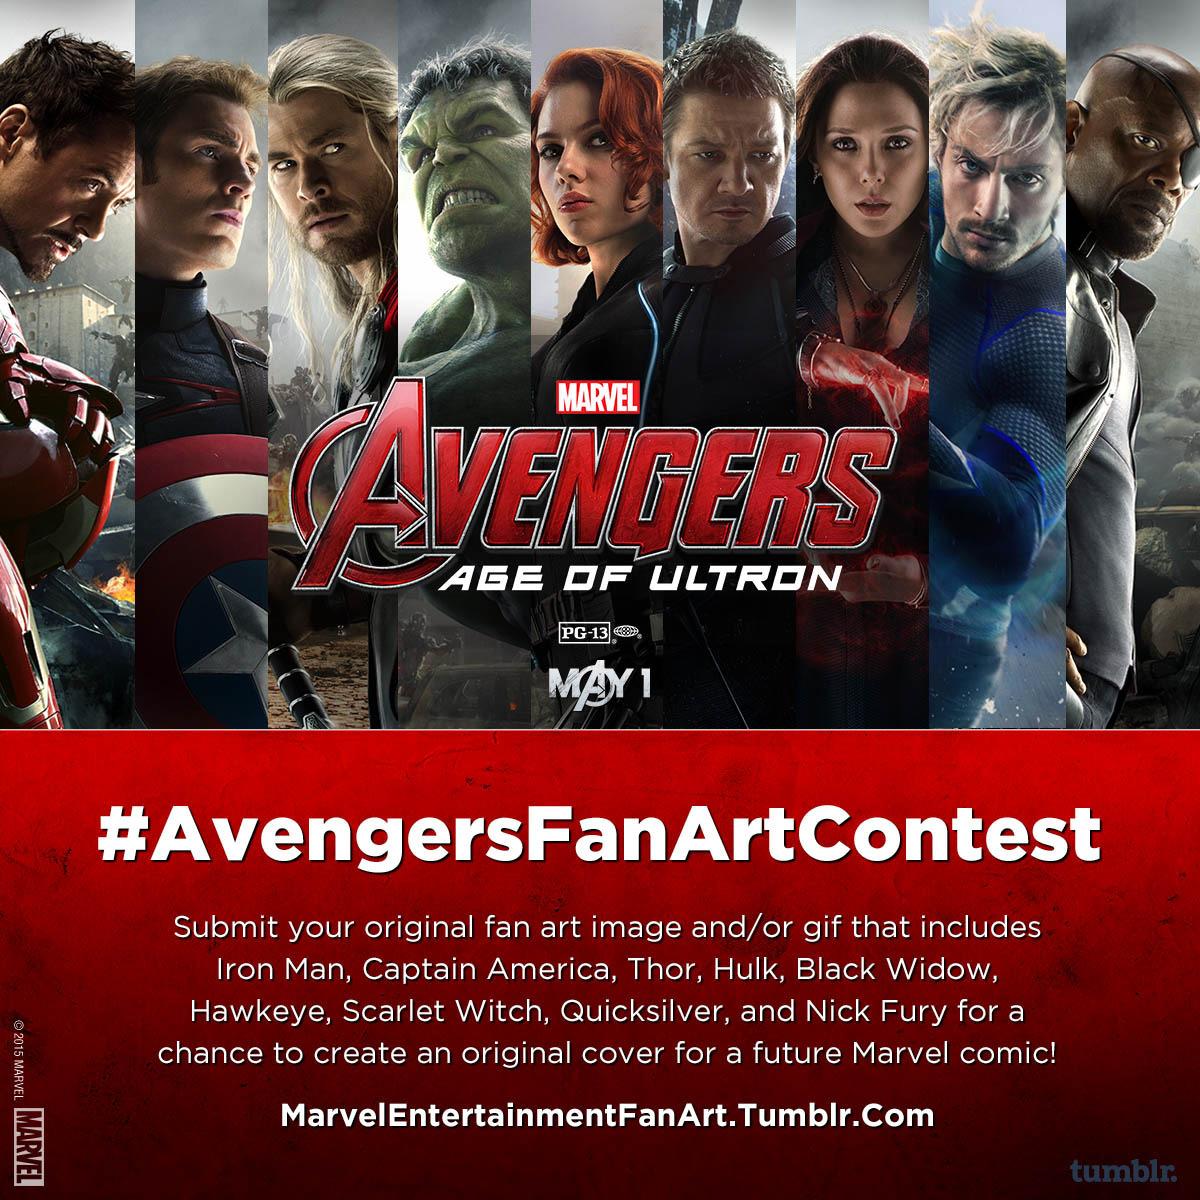 Concurso de Marvel Avengers acerca de diseño Tumblr_nnh9ic51gl1rw6hzpo1_1280